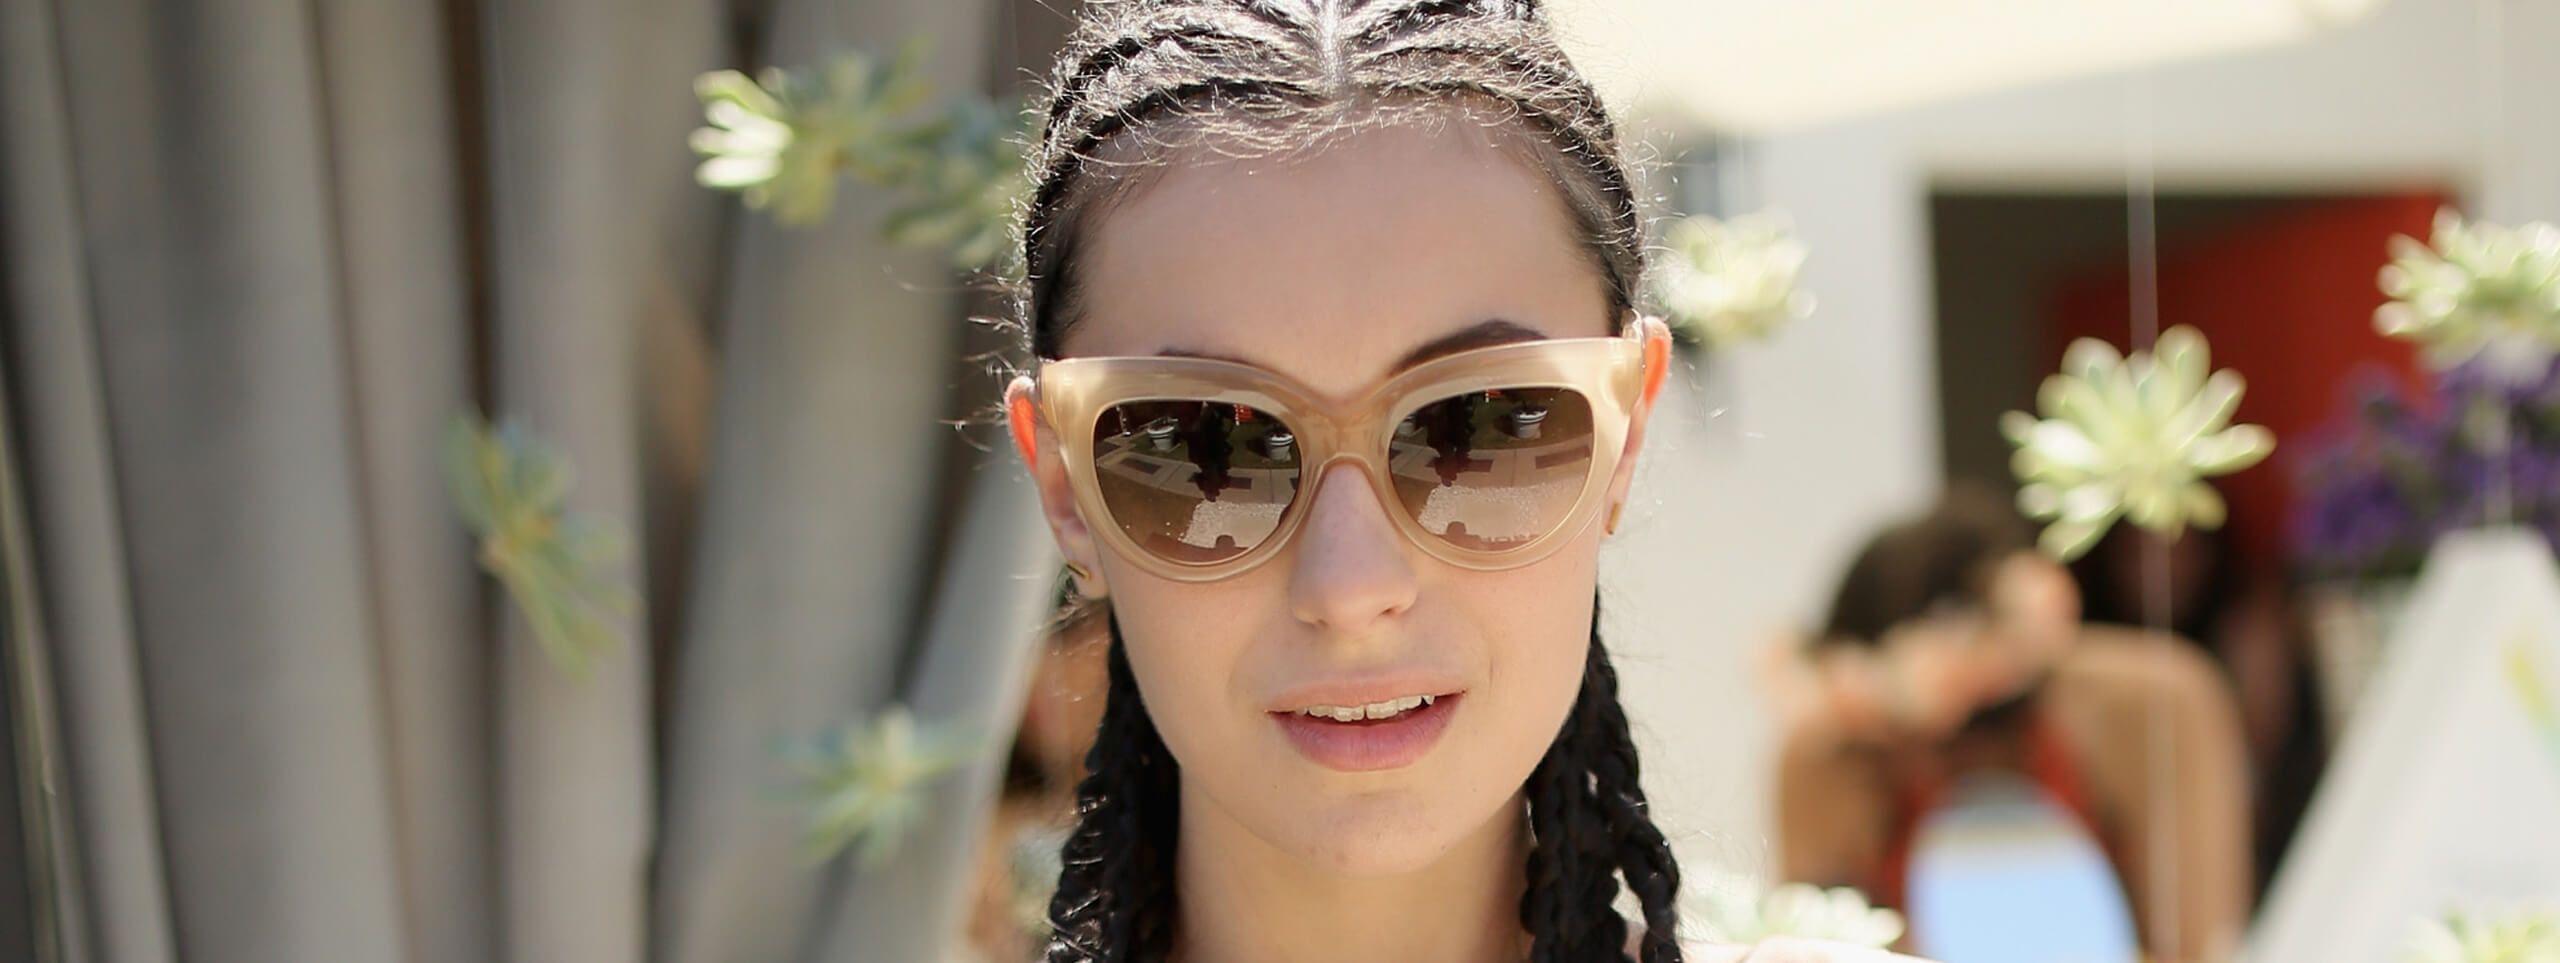 Kobieta w okularach i z warkoczykami